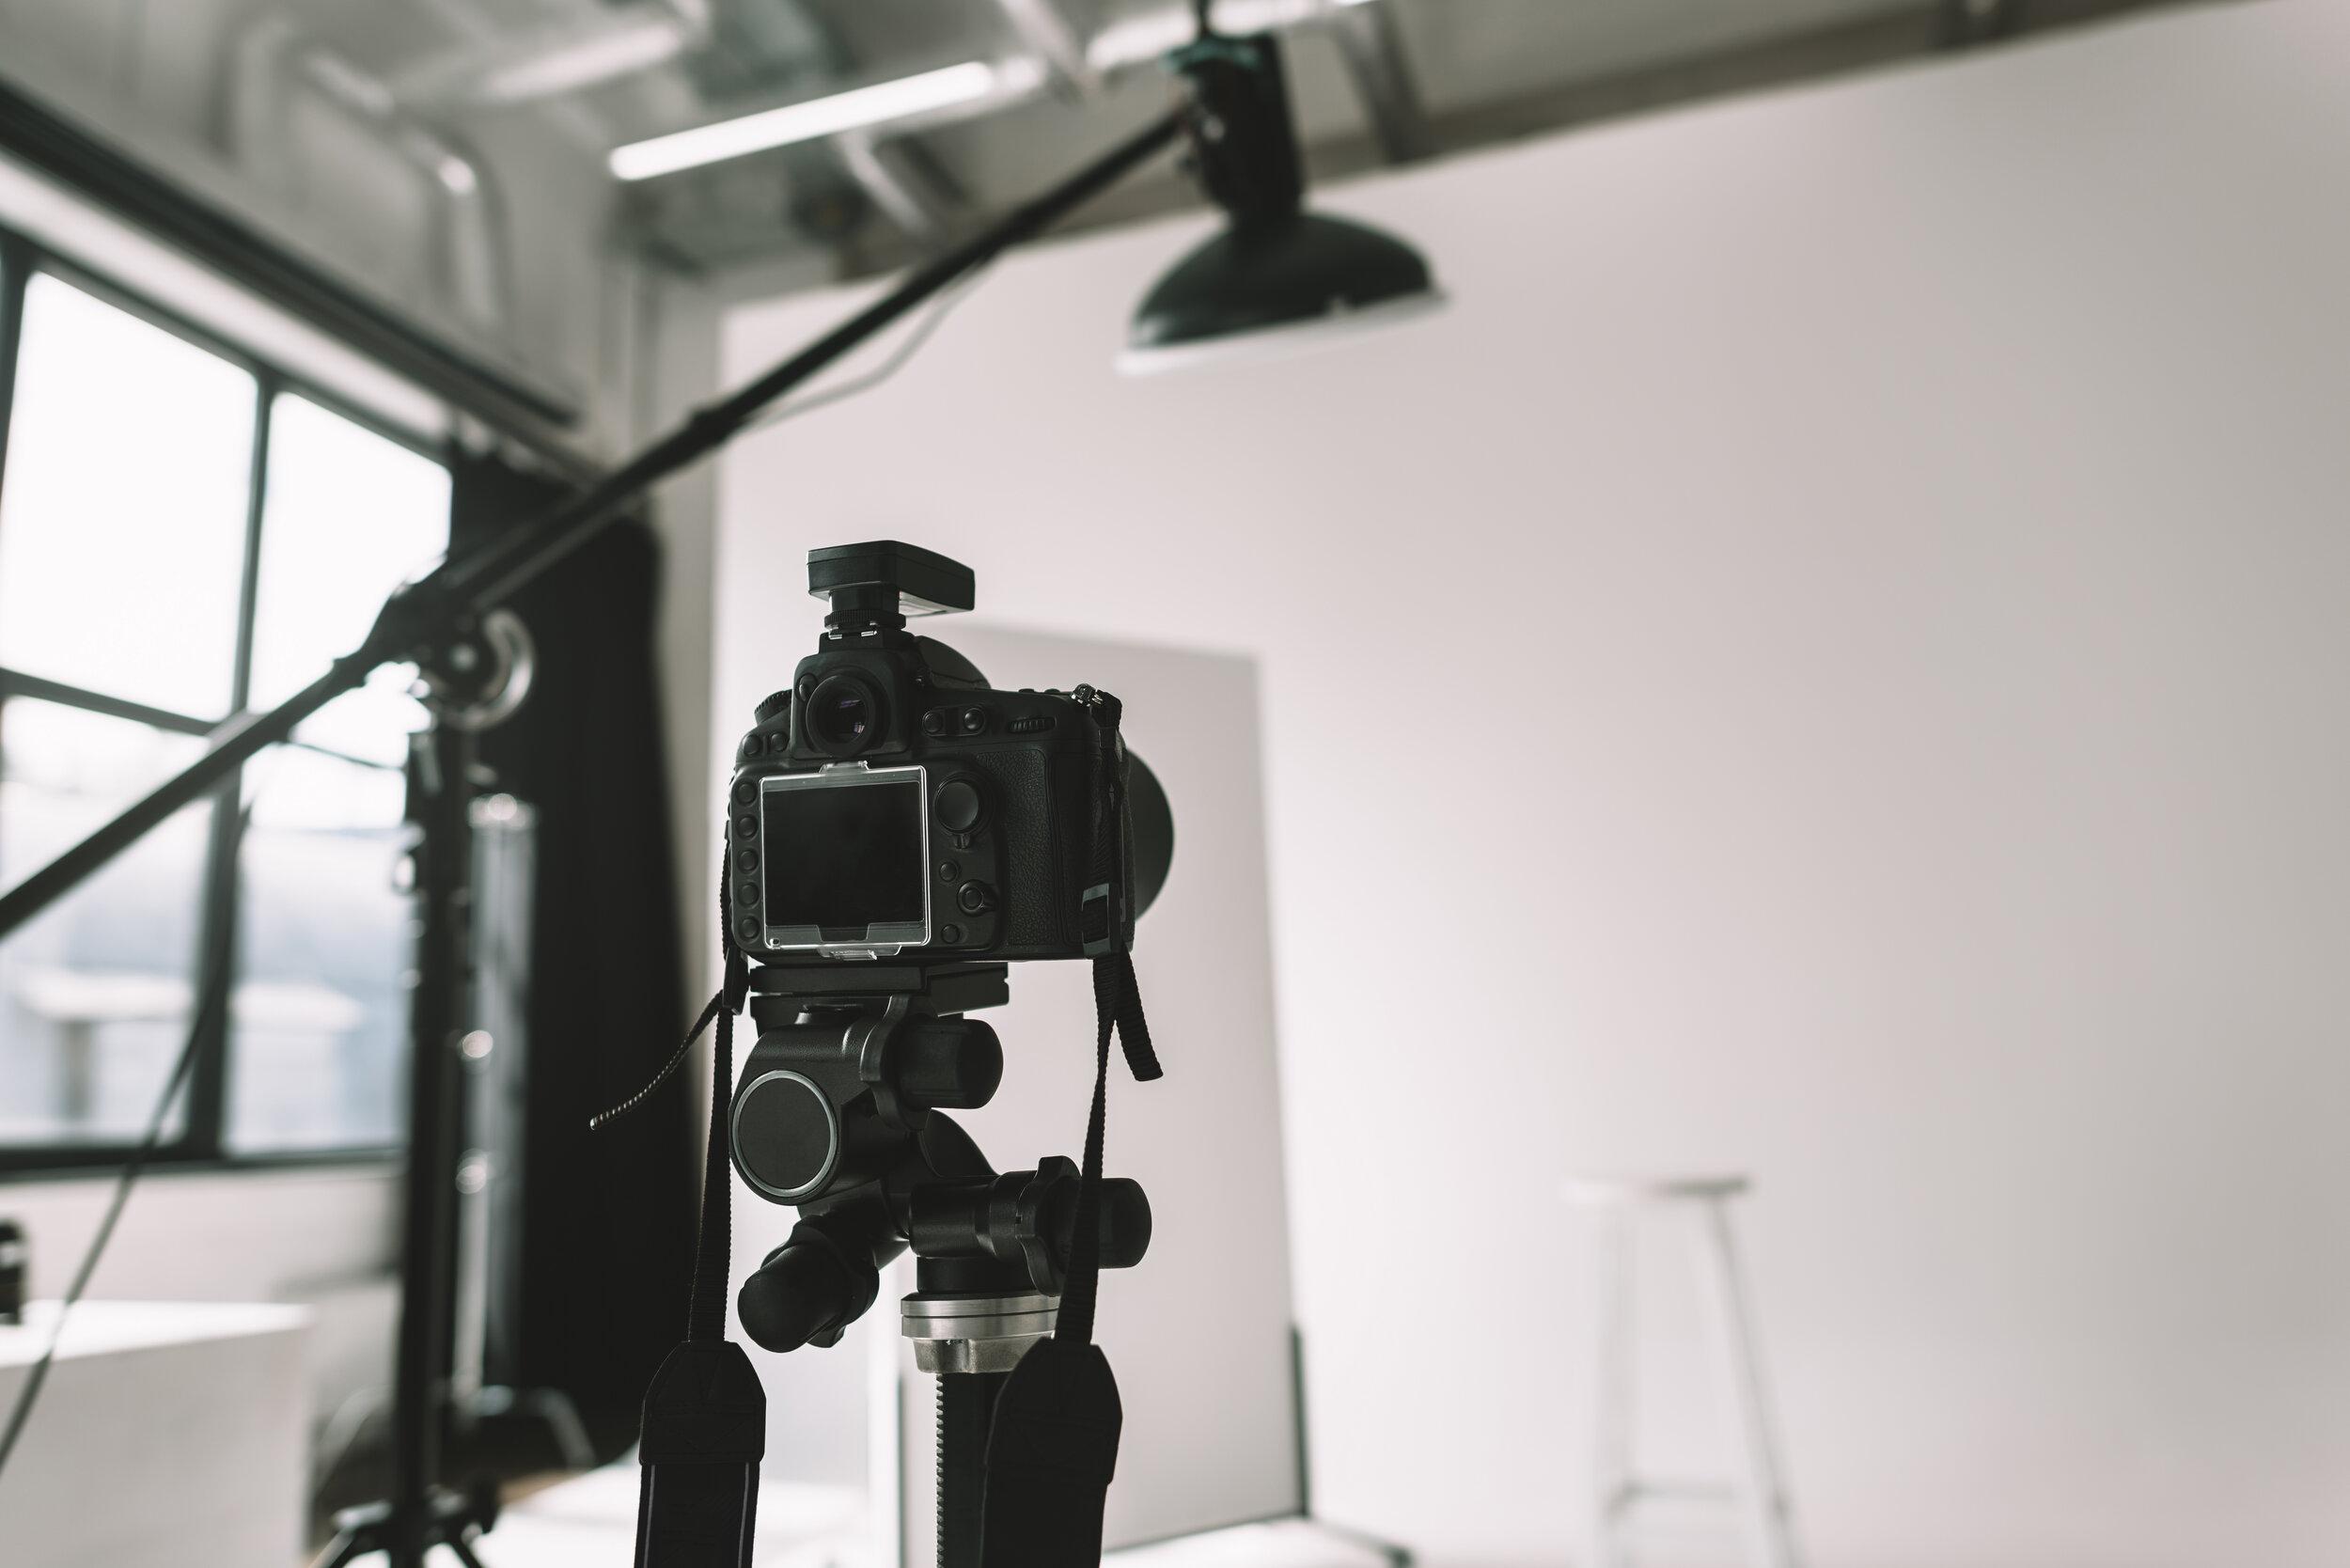 digital-photo-camera-in-photo-studio-with-lighting-6GHVLGR.jpg